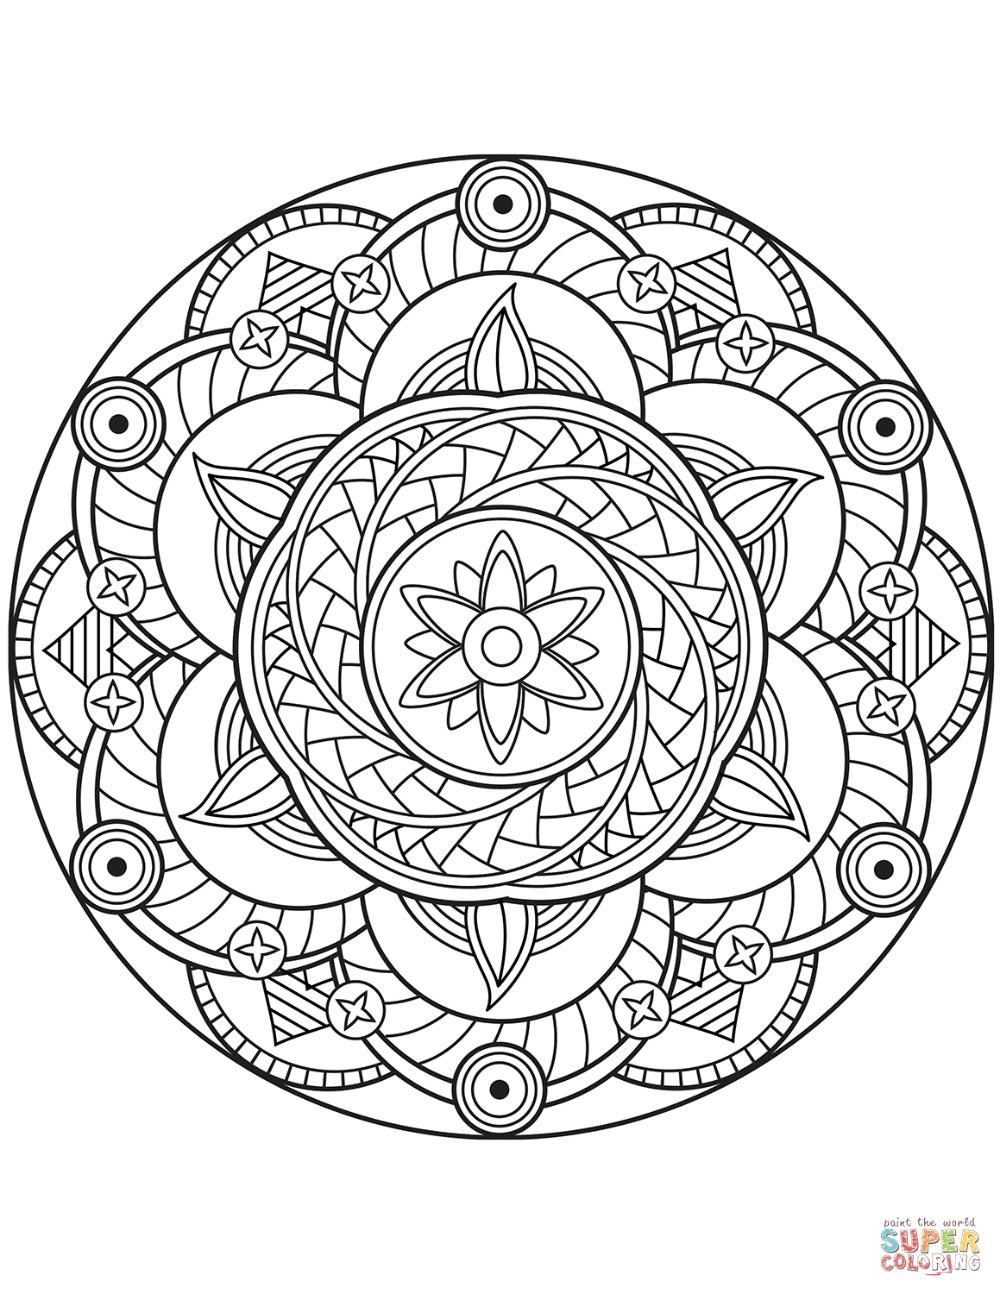 Flower Mandala Super Coloring In 2021 Mandala Coloring Mandala Coloring Books Mandala Coloring Pages [ 1294 x 1000 Pixel ]